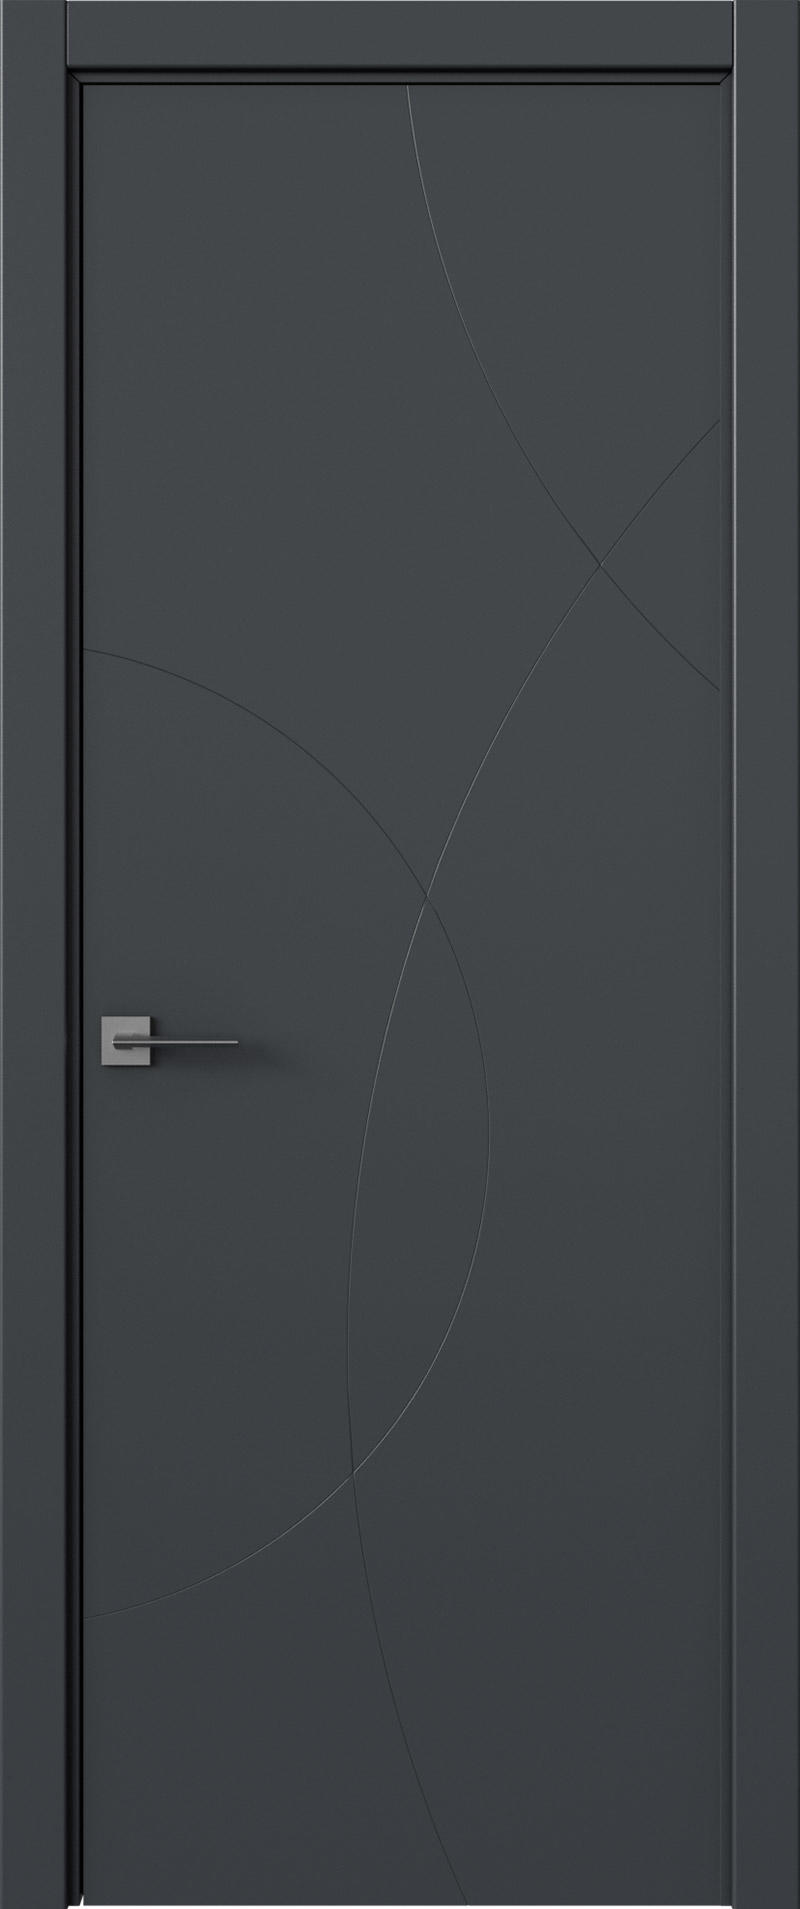 Tivoli Б-5 цвет - Графитово-серая эмаль (RAL 7024) Без стекла (ДГ)